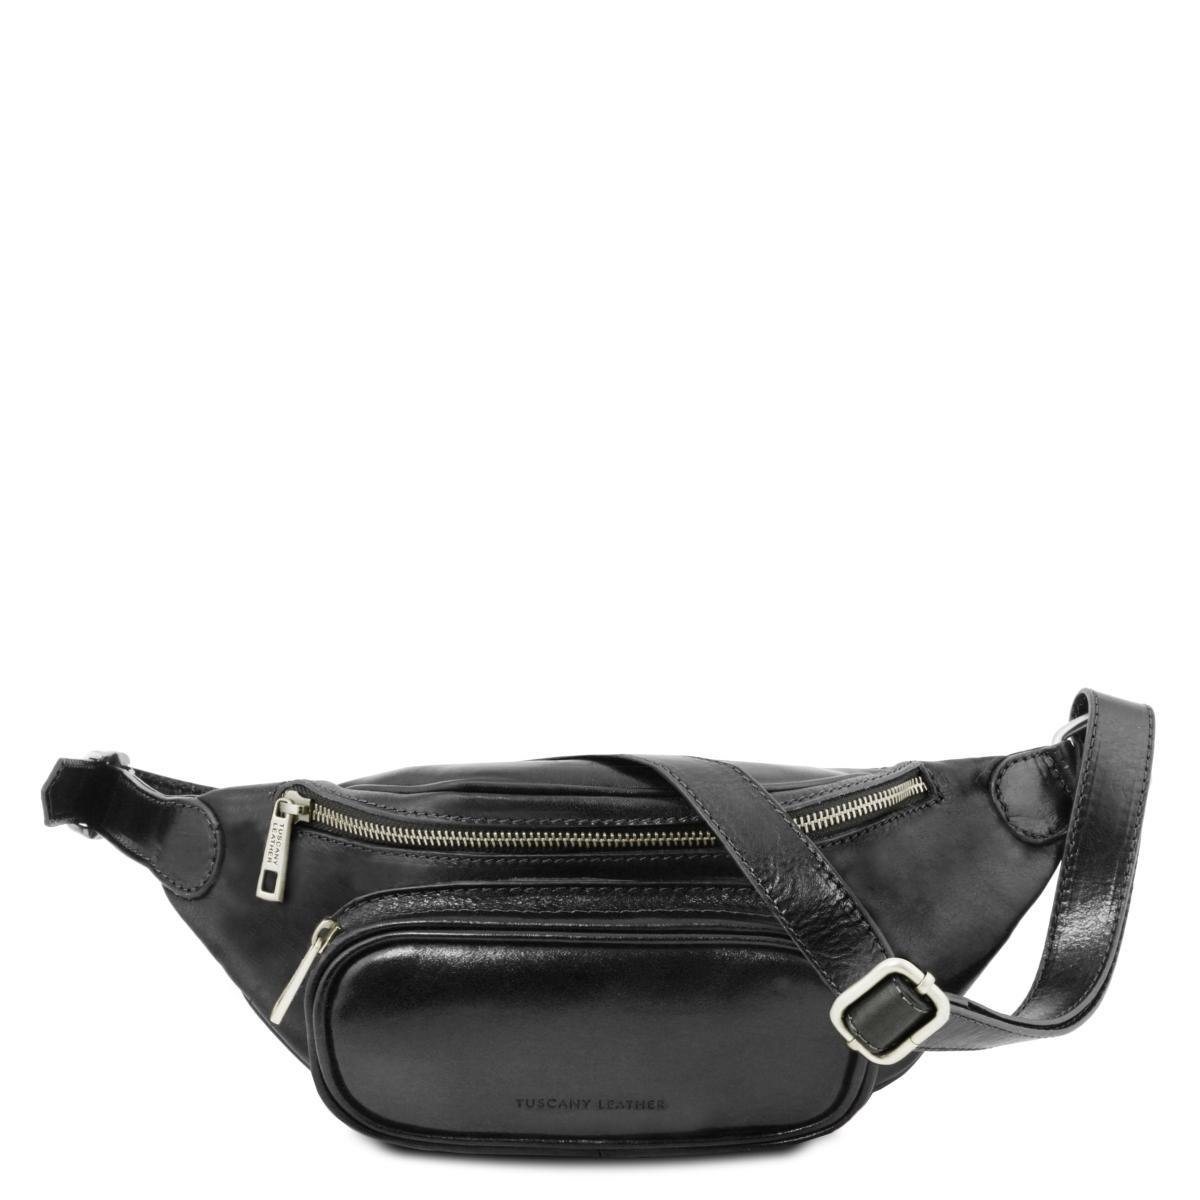 Sac Banane Cuir Homme Noir - Tuscany Leather -